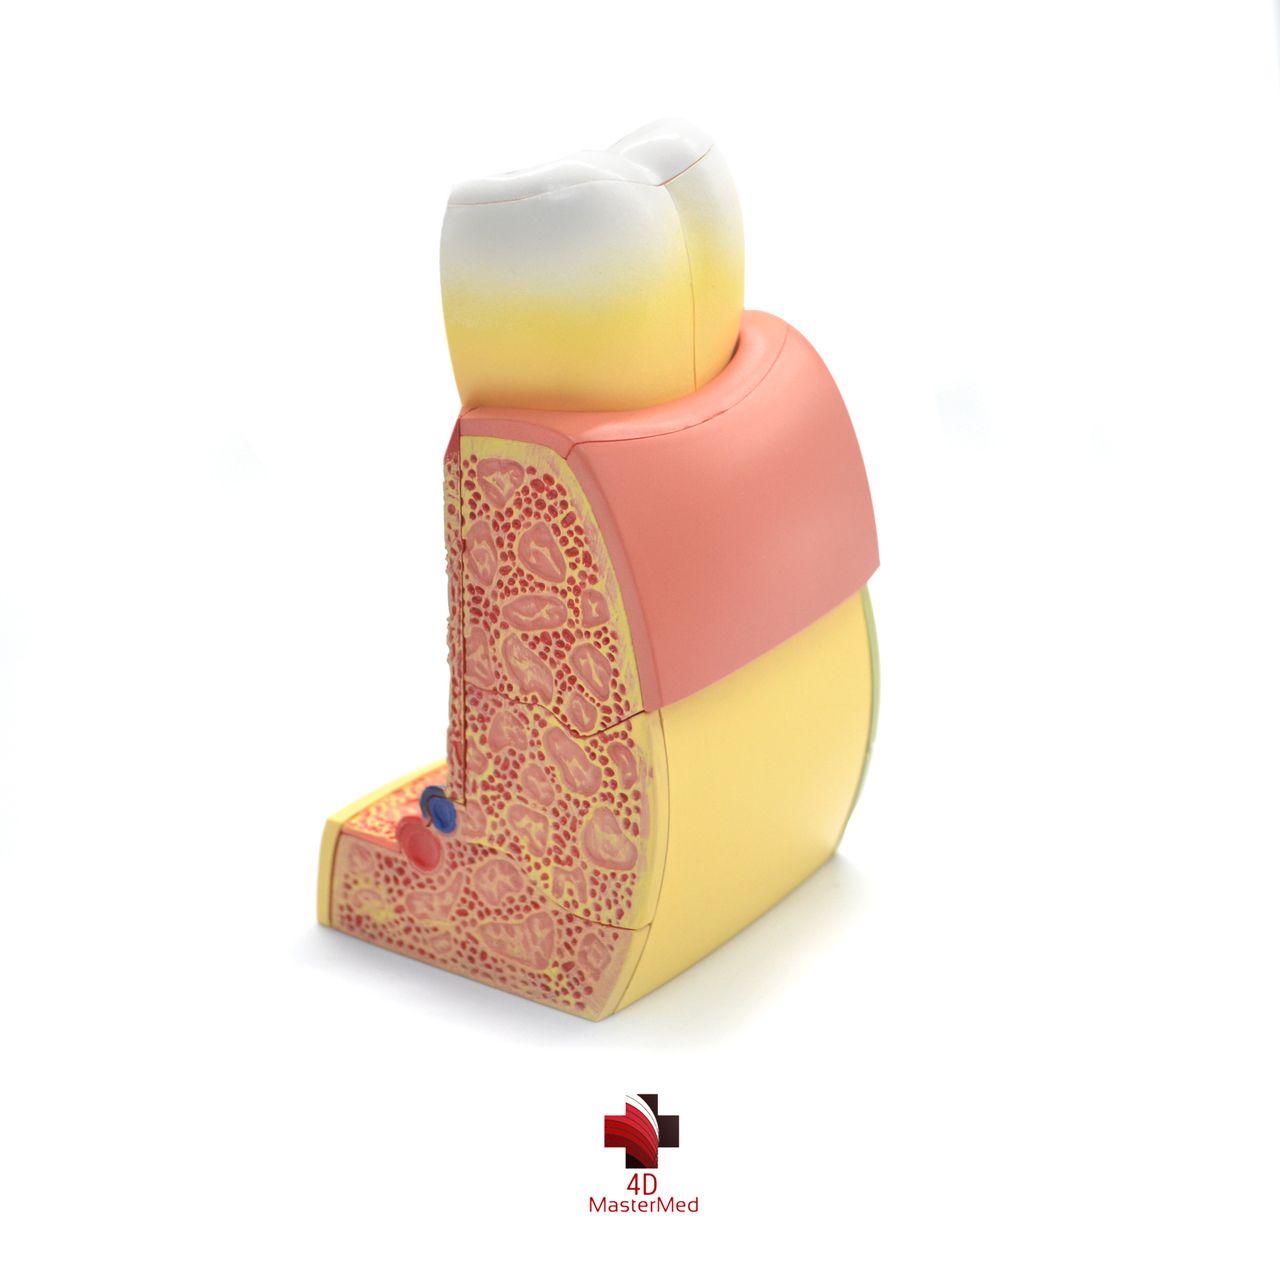 Anatomia do Dente Molar